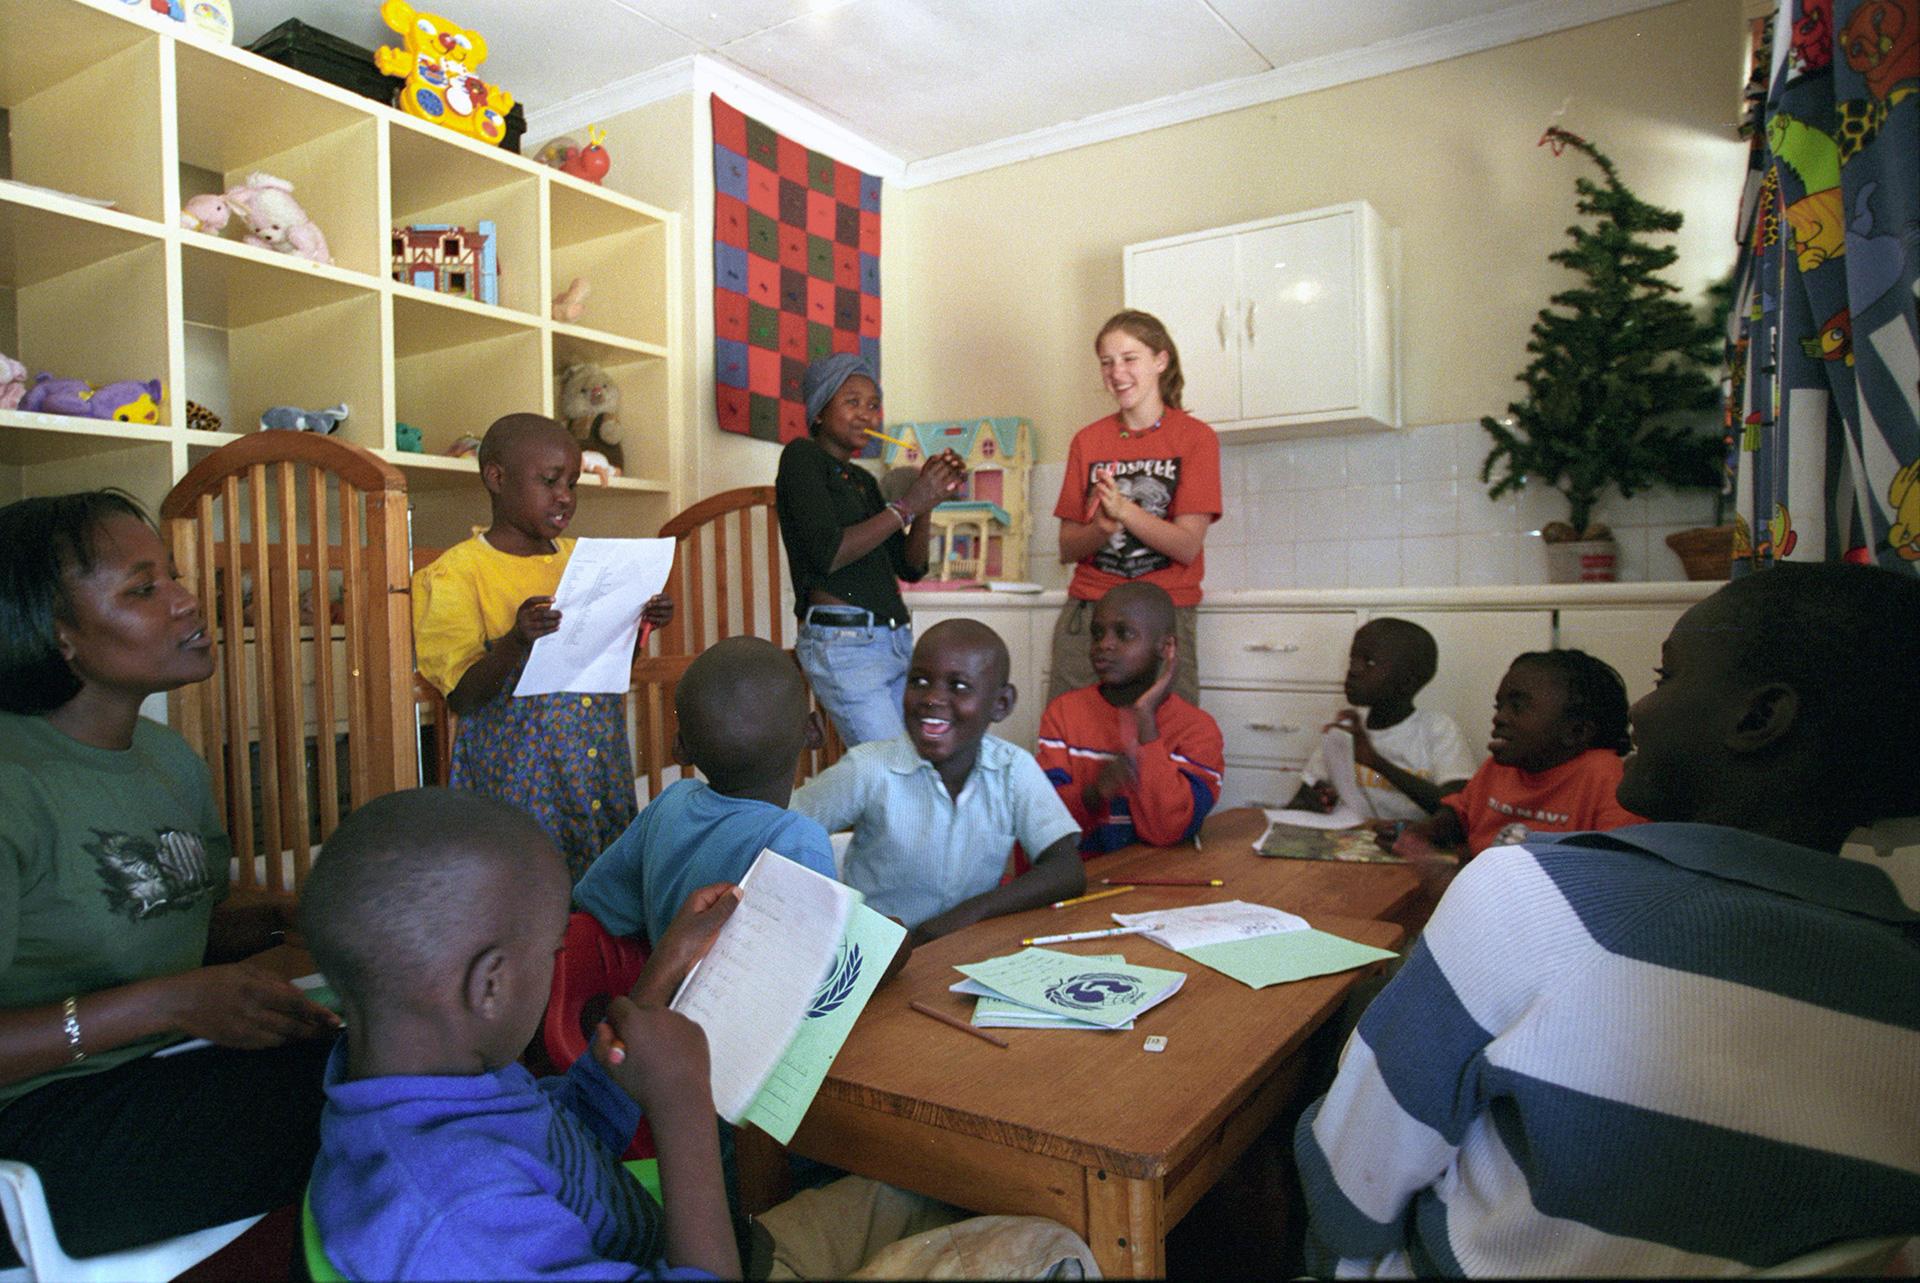 Case per ospitare piccoli malati - Nairobi : Stefano Cardone Photographer Reportage